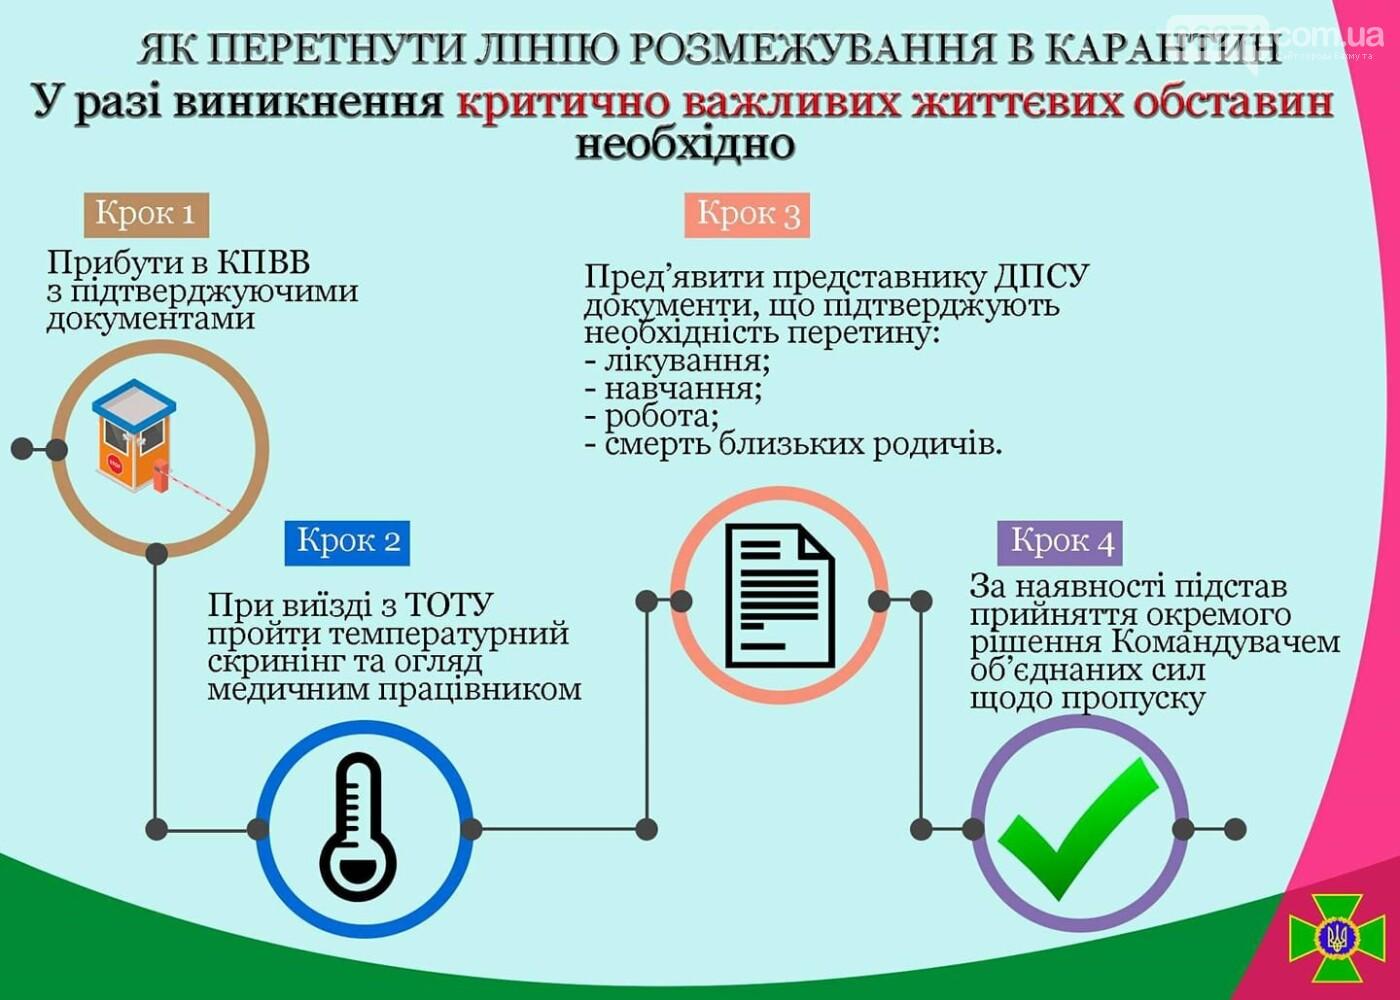 Через КПВВ на Донбассе будут пропускать в случае важных жизненных обстоятельств, фото-1